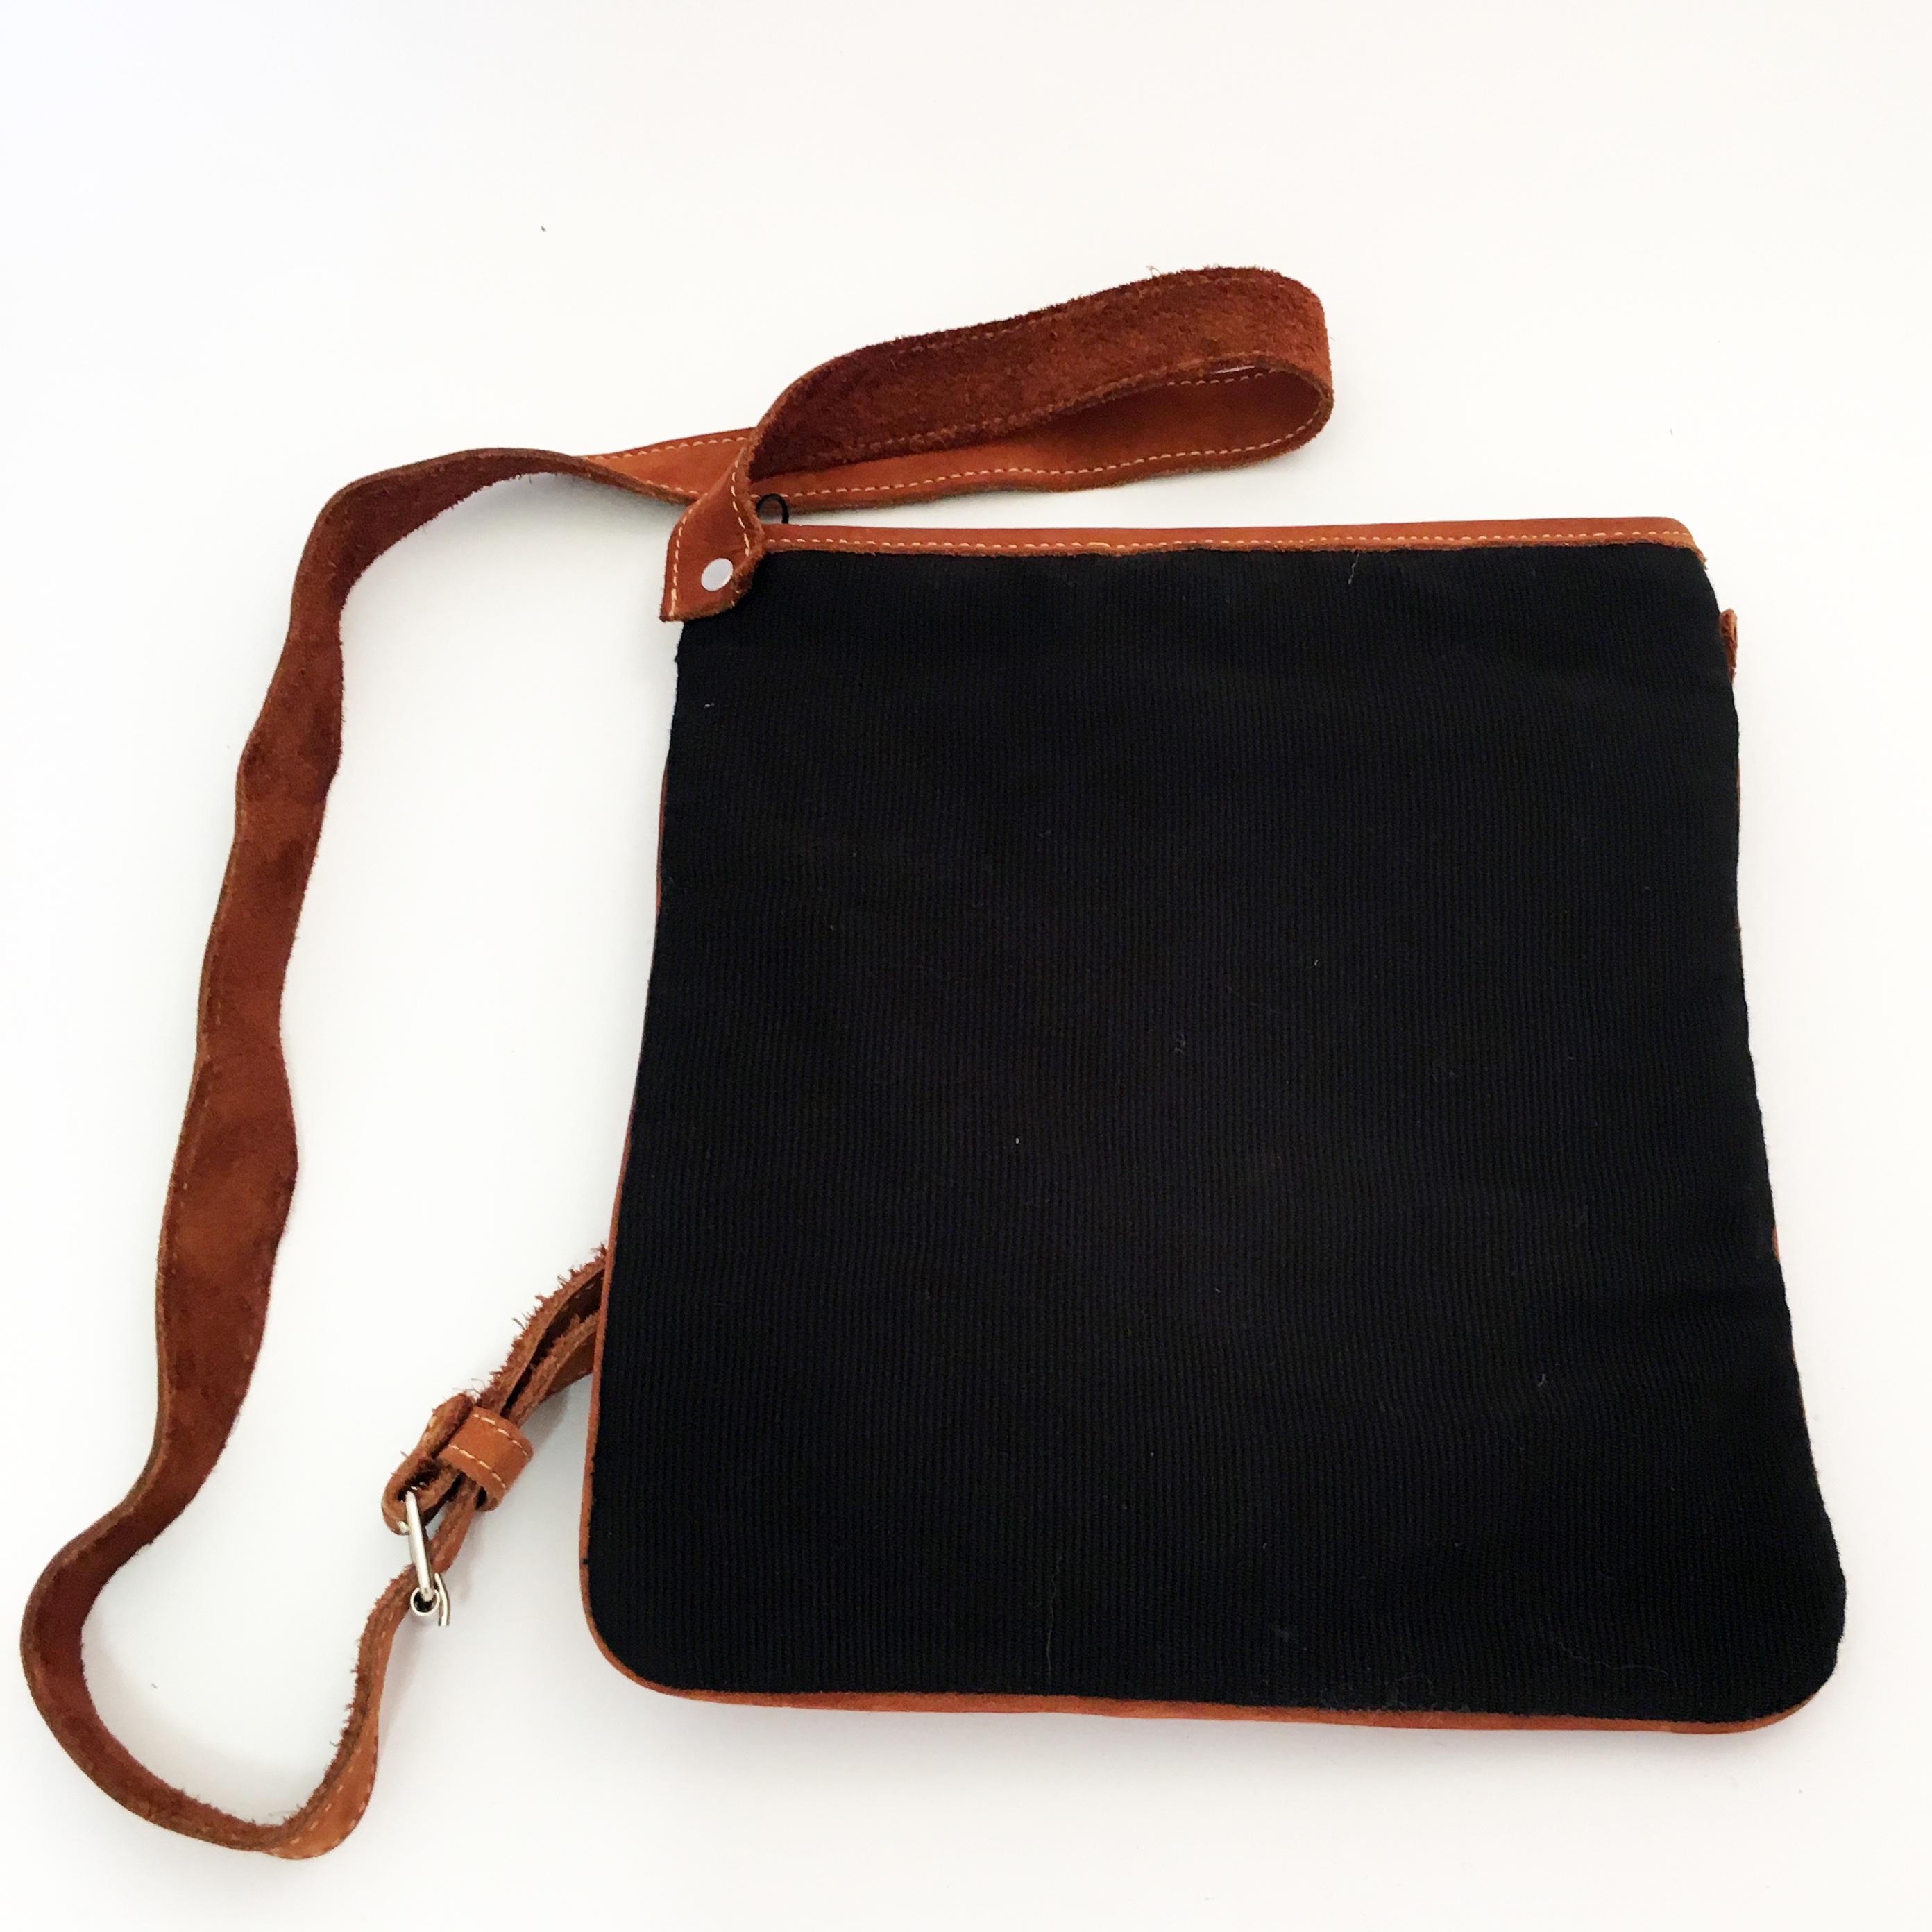 väska, axelväska, guatemala, återbruk, recycle, reuse (15)